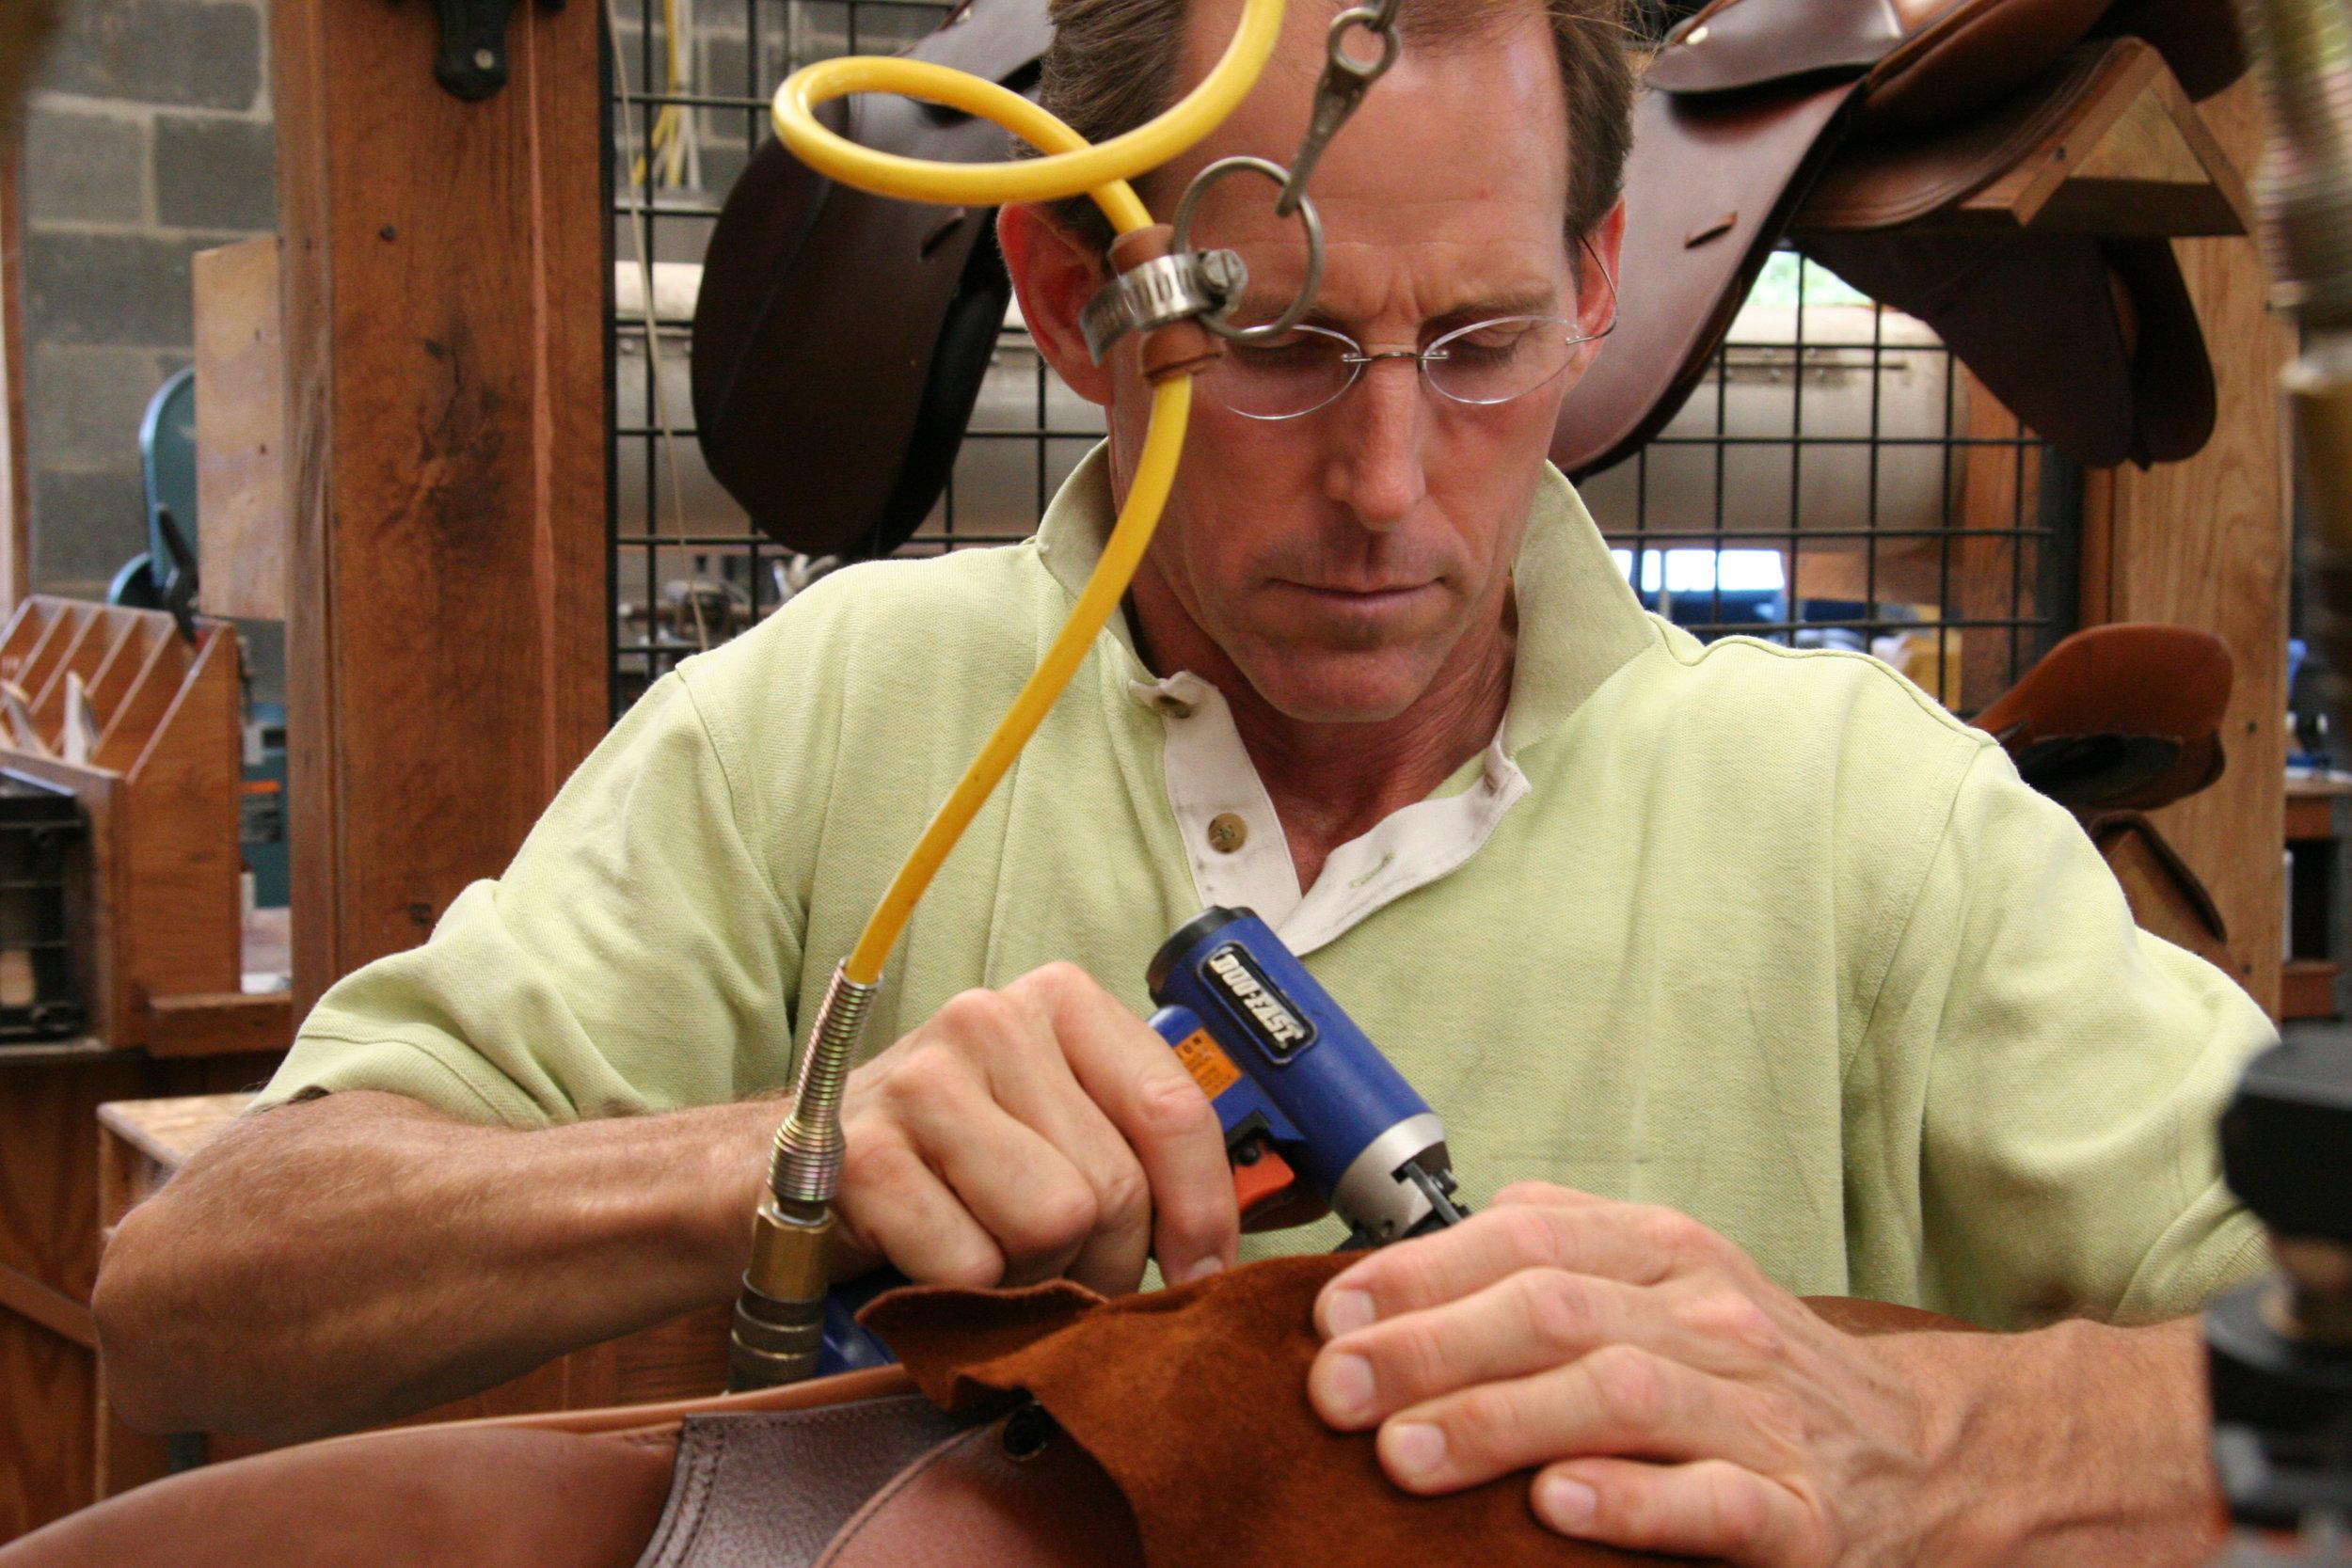 Upgrade,repair, And used saddles -